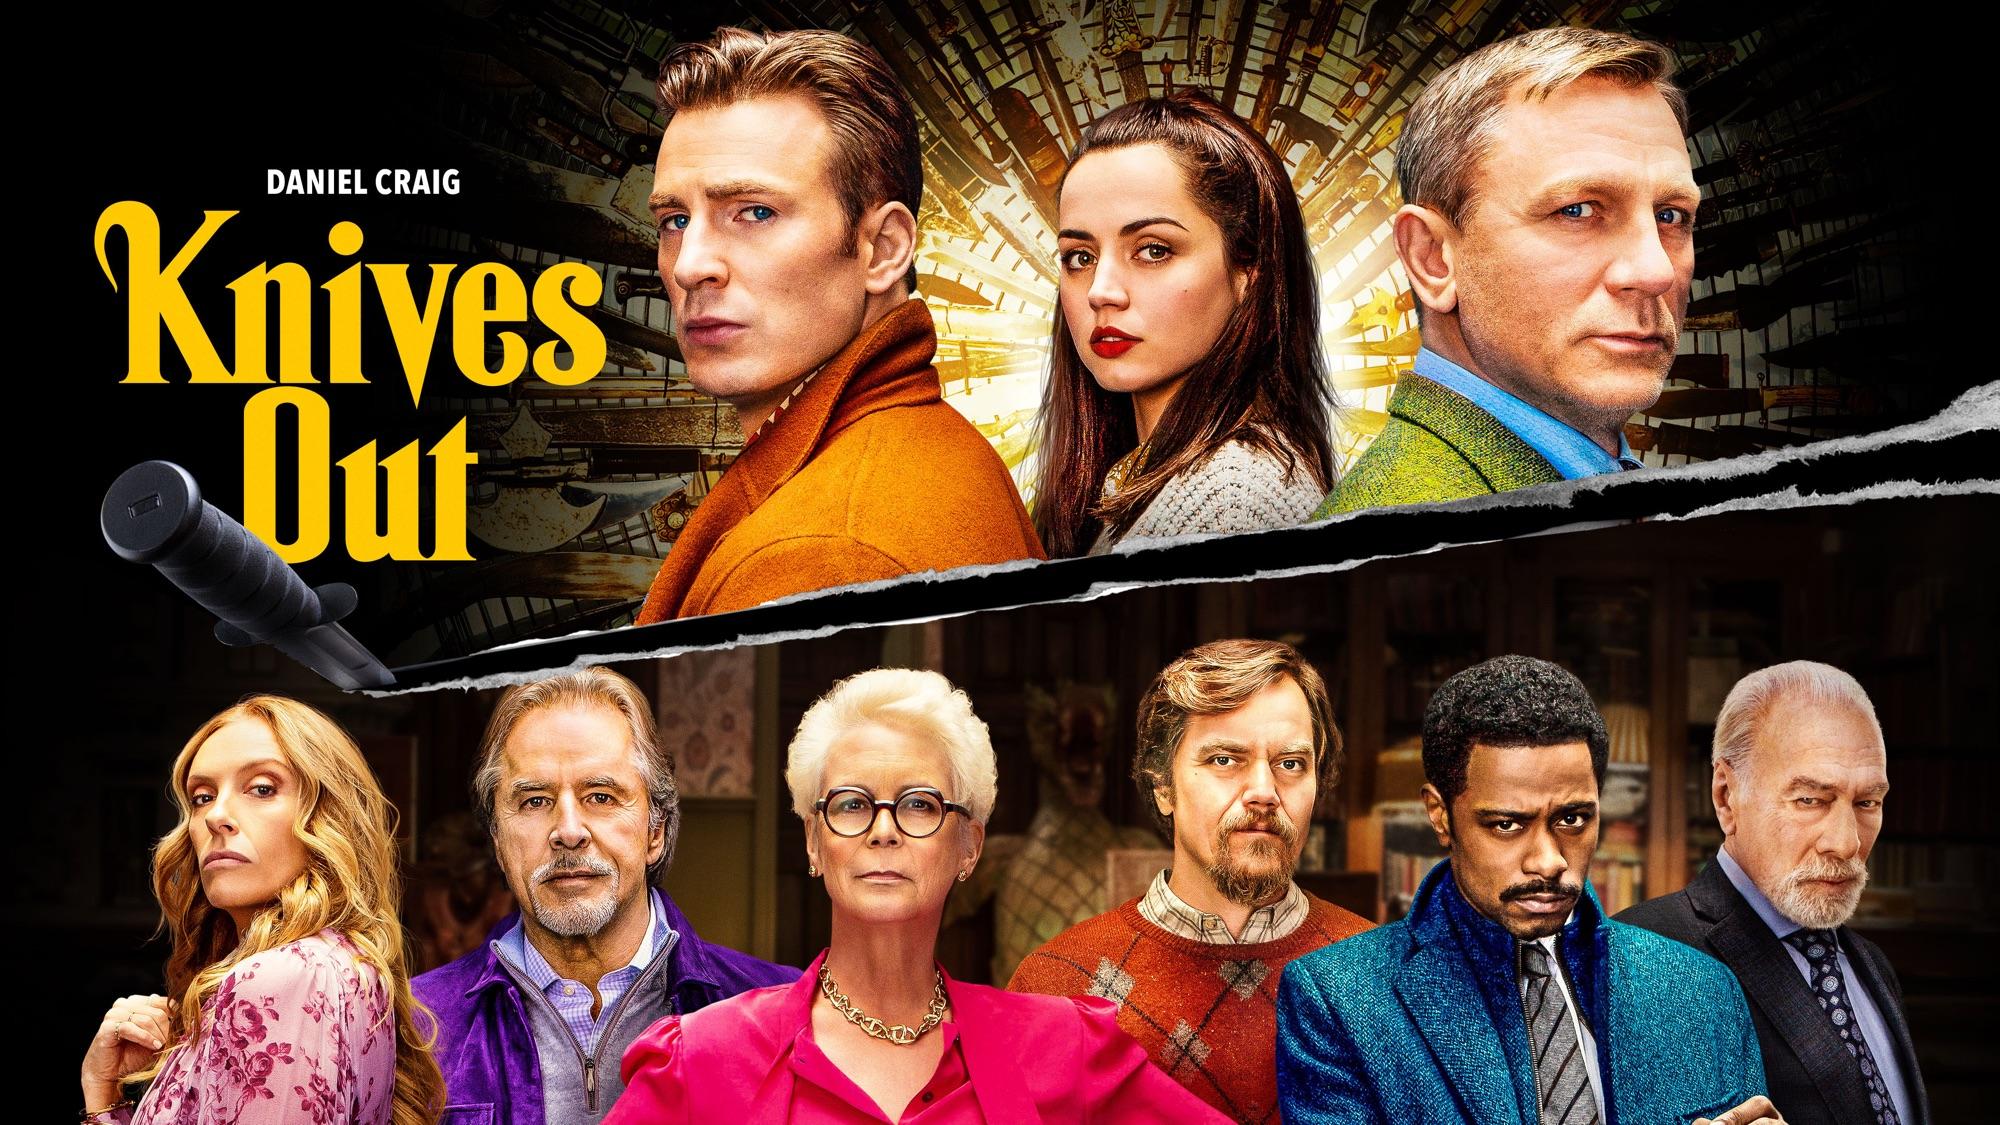 Ana De Armas Chris Evans Daniel Craig Toni Collette Jamie Lee Curtis Christopher Plummer Lakeith Sta 2000x1125